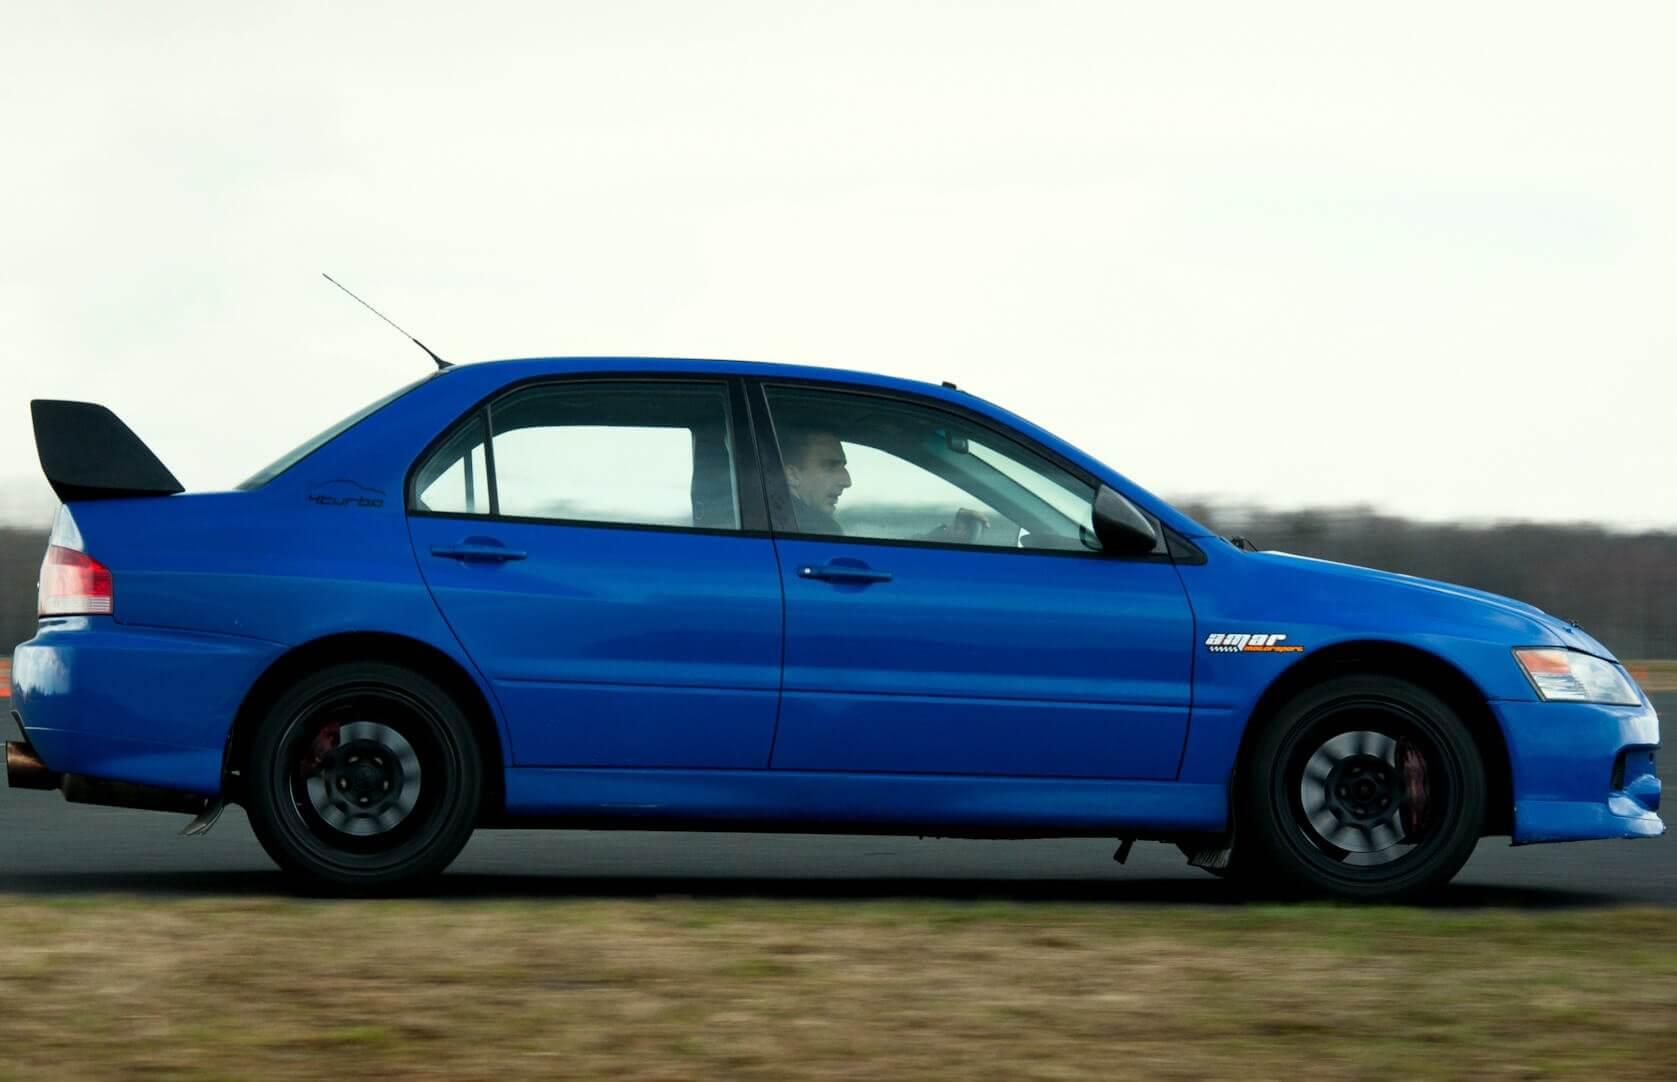 Poprowadź rajdowe Subaru i Mitsubishi